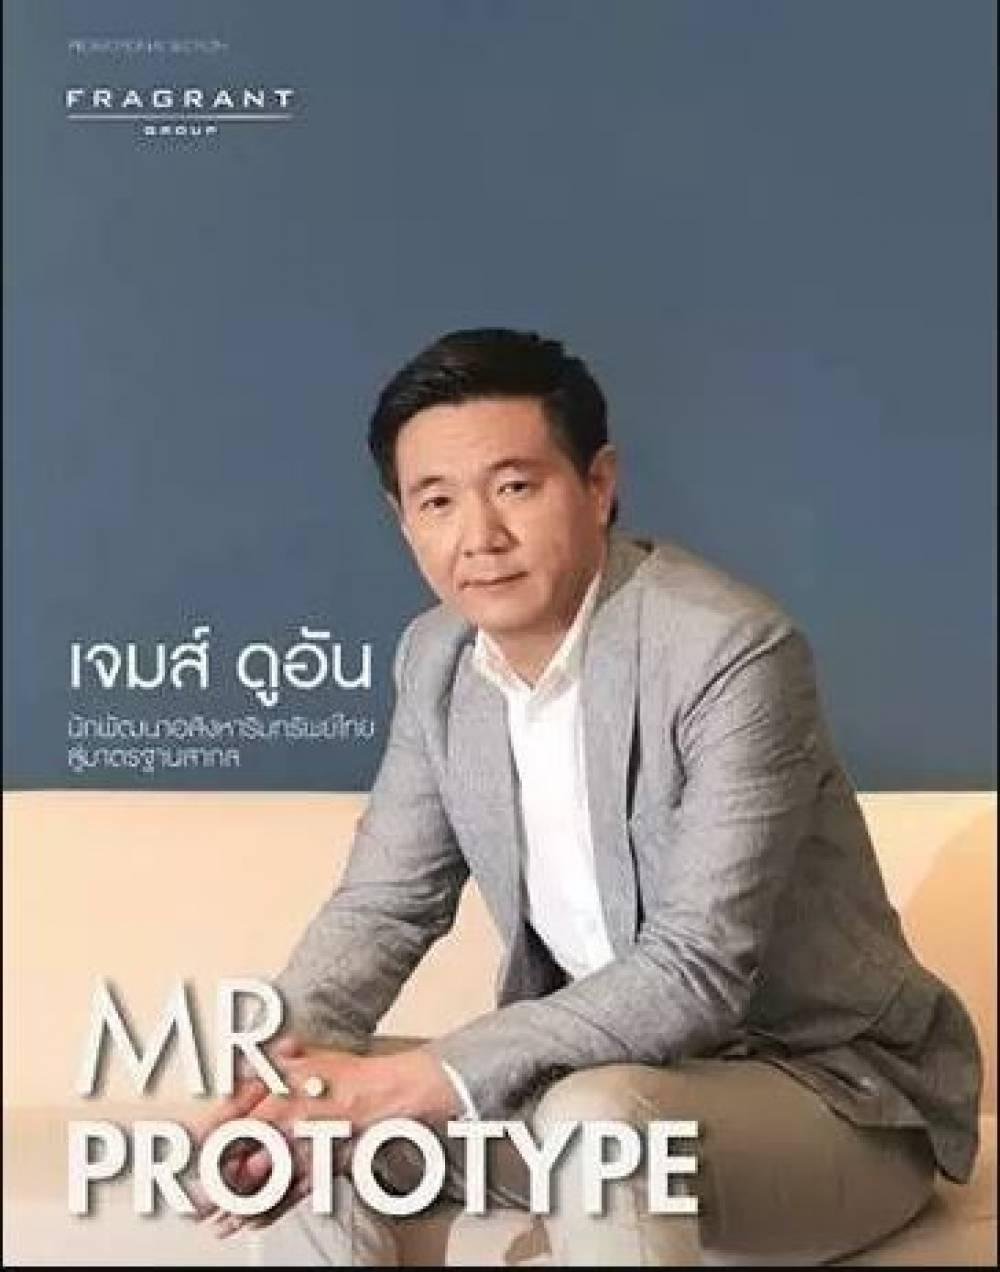 泰國福布斯雜誌2015年6月刊對Fragrant房地產公司CEO專訪